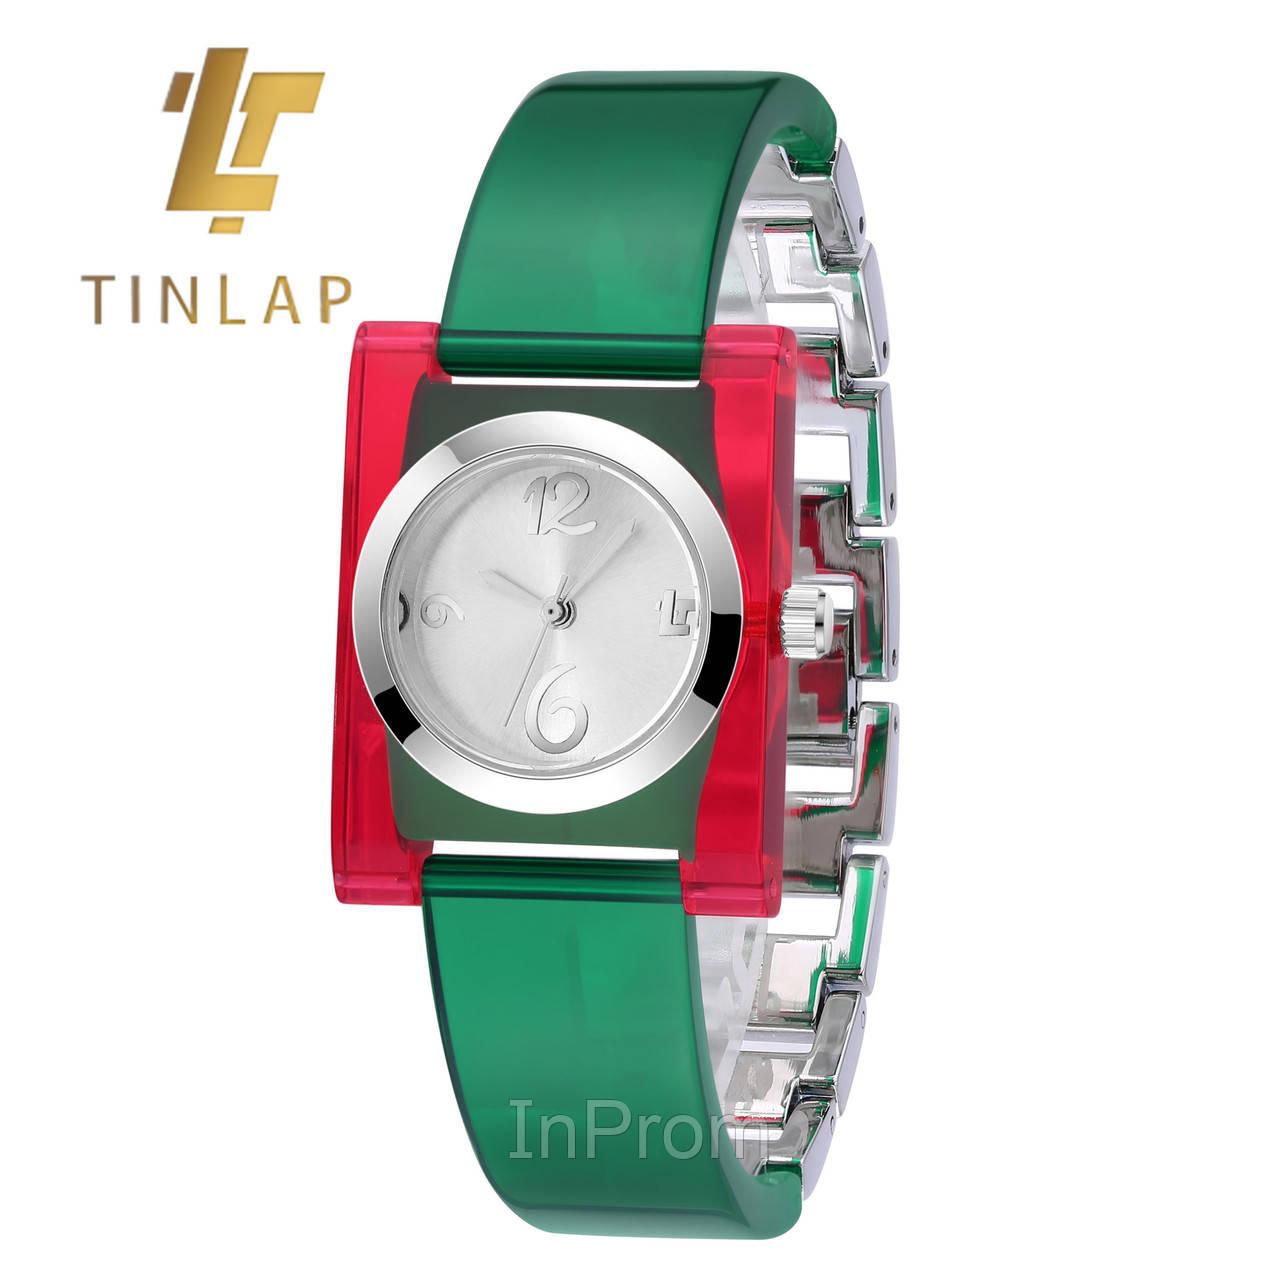 Tinlap LT